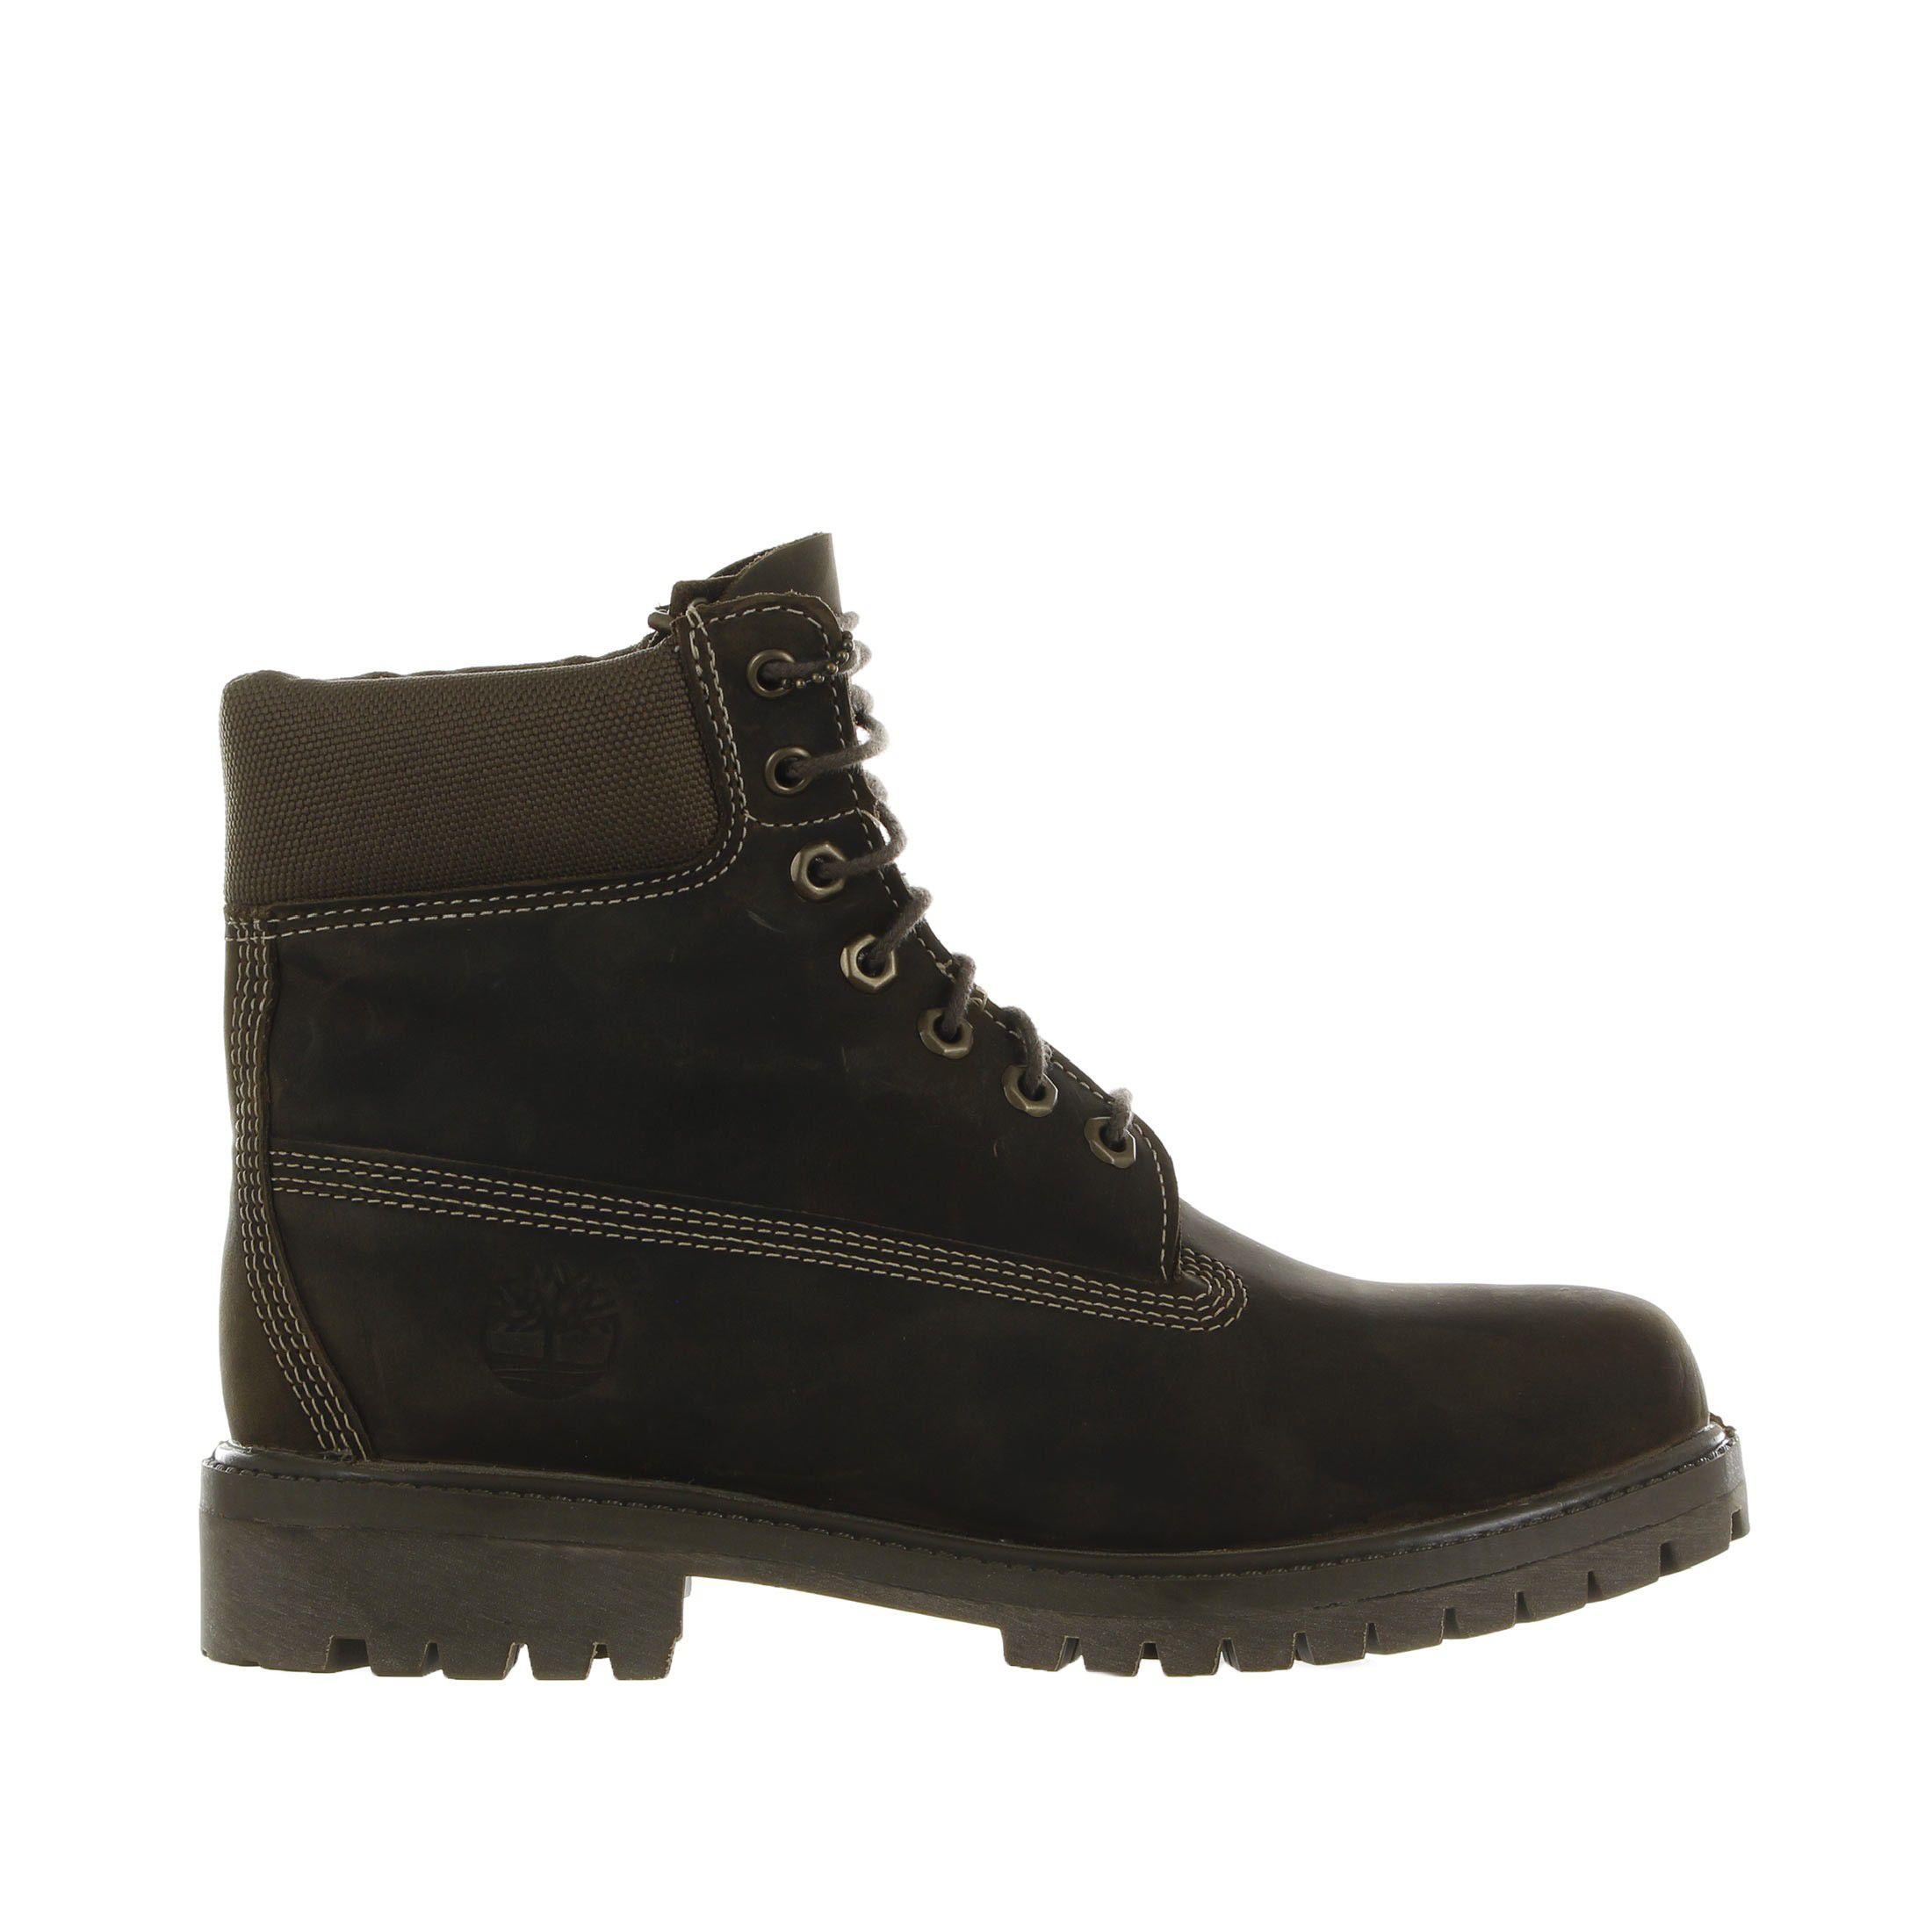 Timberland scarponcino 6'' premium boot in pelle pieno fiore da uomo